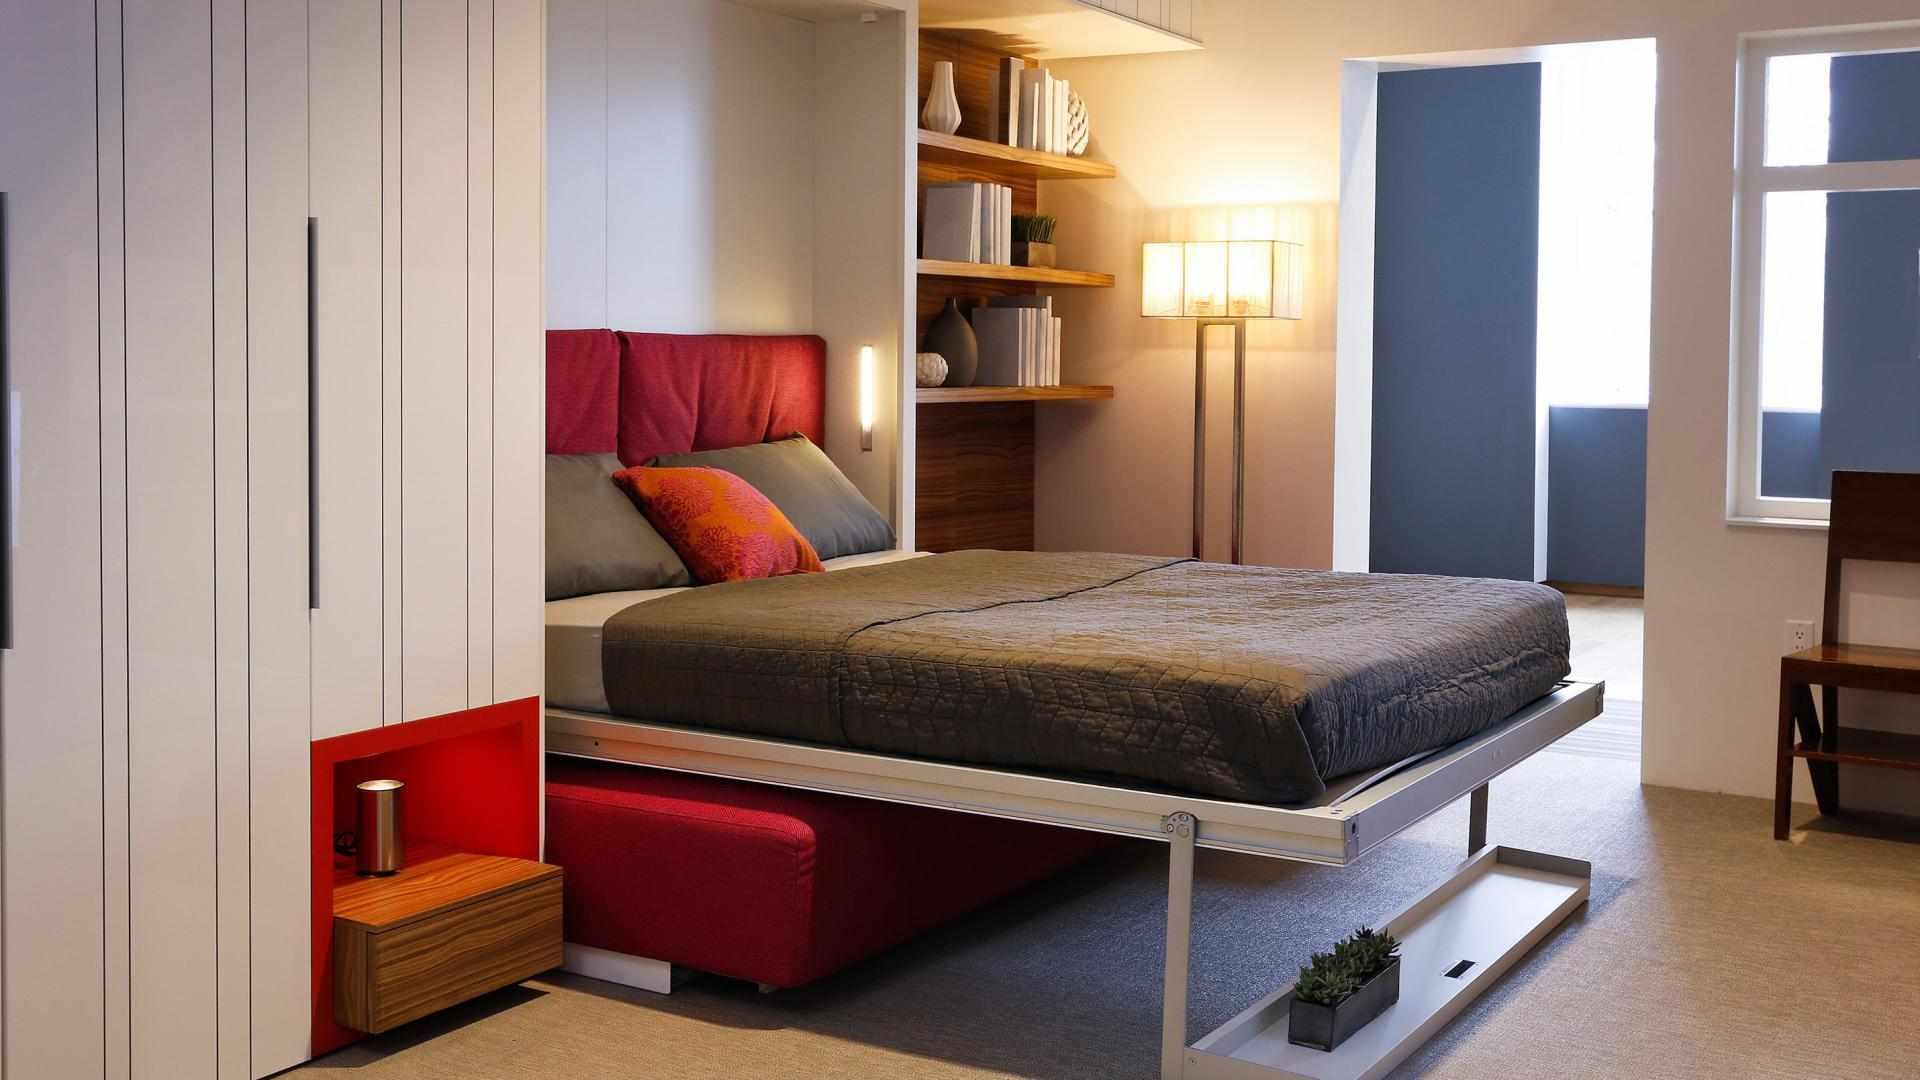 Откидная встроенная кровать в интерьере